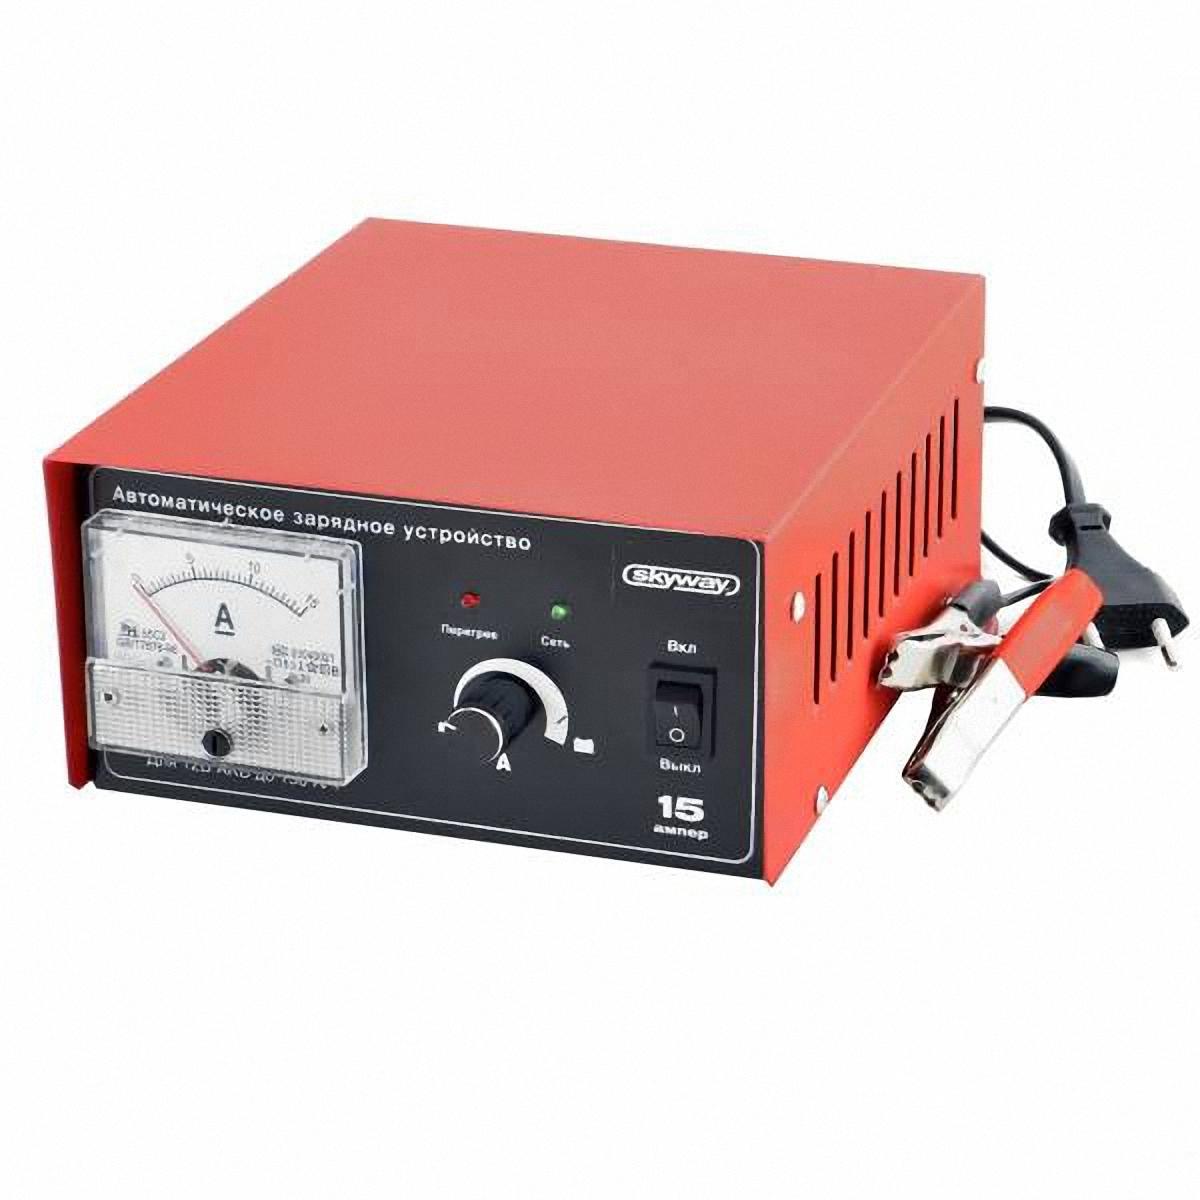 Устройство зарядное для аккумулятора Skyway. S03801002S03801002Импульсное автоматическое зарядно-предпусковое устройство для всех типов аккумуляторных батарей 15А. Особенности: Оптимальное сочетание напряжения и тока. Зарядка необслуживаемых АКБ. Зарядка без отключения и снятия АКБ с автомобиля. Использование в качестве источника питания. Защита неправильного подключения. Защита от перегрузок и короткого замыкания. Защита от перегрева. Для аккумуляторных батарей 12 В. Емкость аккумуляторной батареи - до 150 А/ч. Напряжение питания сети - 180-240В/50 Гц. Потребляемый ток - 1.7 А. Потребляемая мощность - 140 ВТ. Максимальное выходное напряжение - 14,8 В. Ток зарядки - 0,4-15 А.